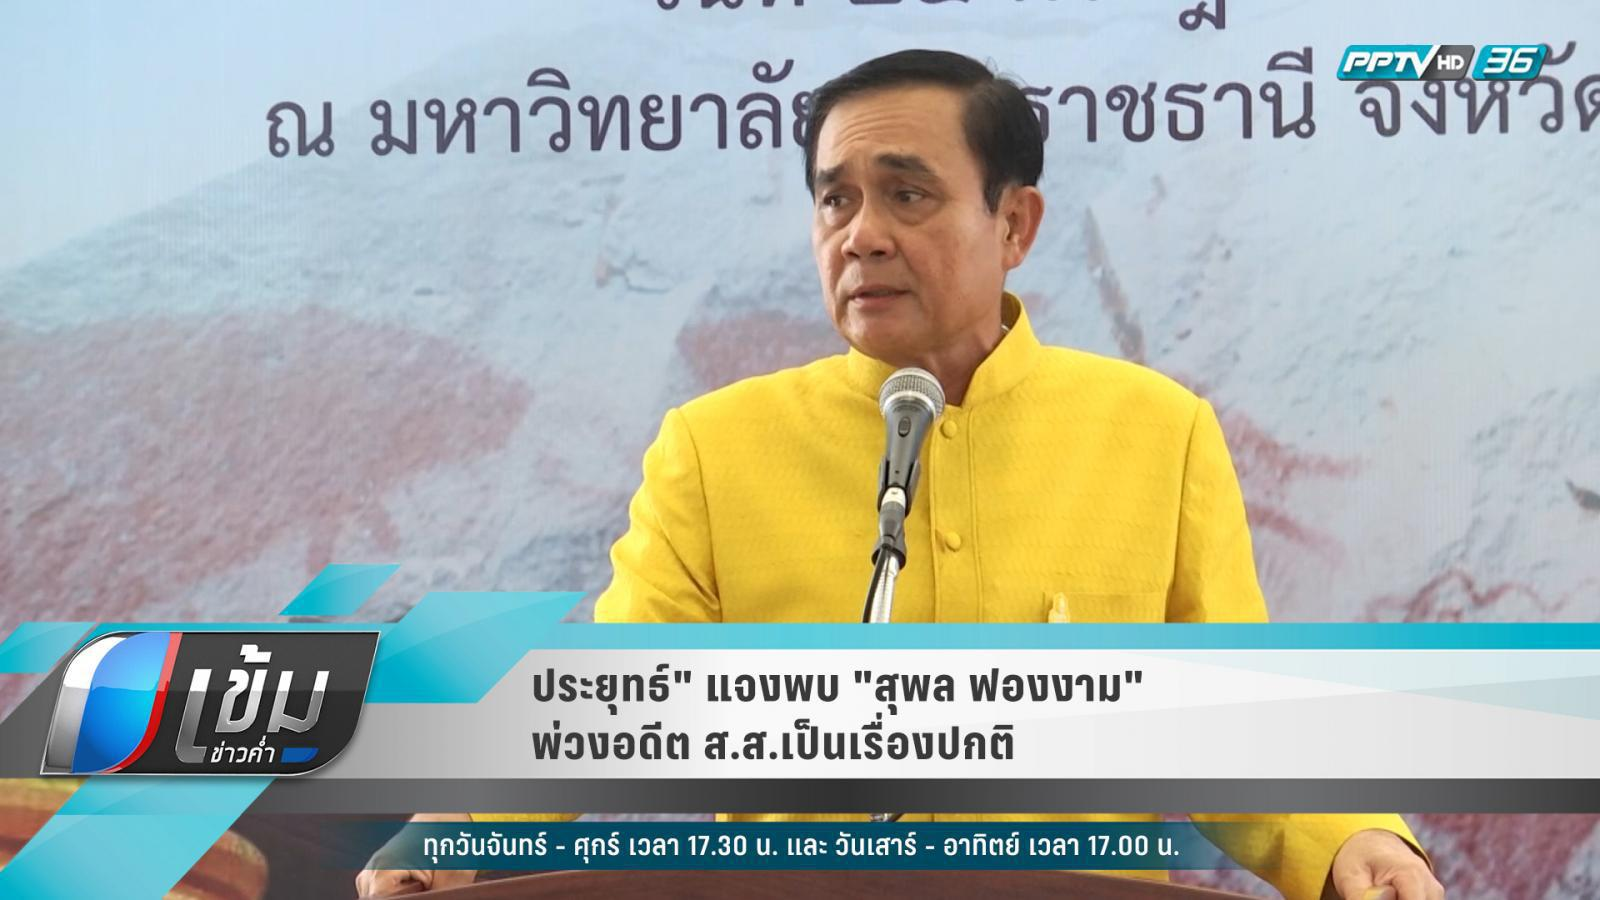 """""""ประยุทธ์"""" แจงพบ """"อดีตส.ส.เพื่อไทย"""" ไม่มีนัยยะทางการเมือง"""